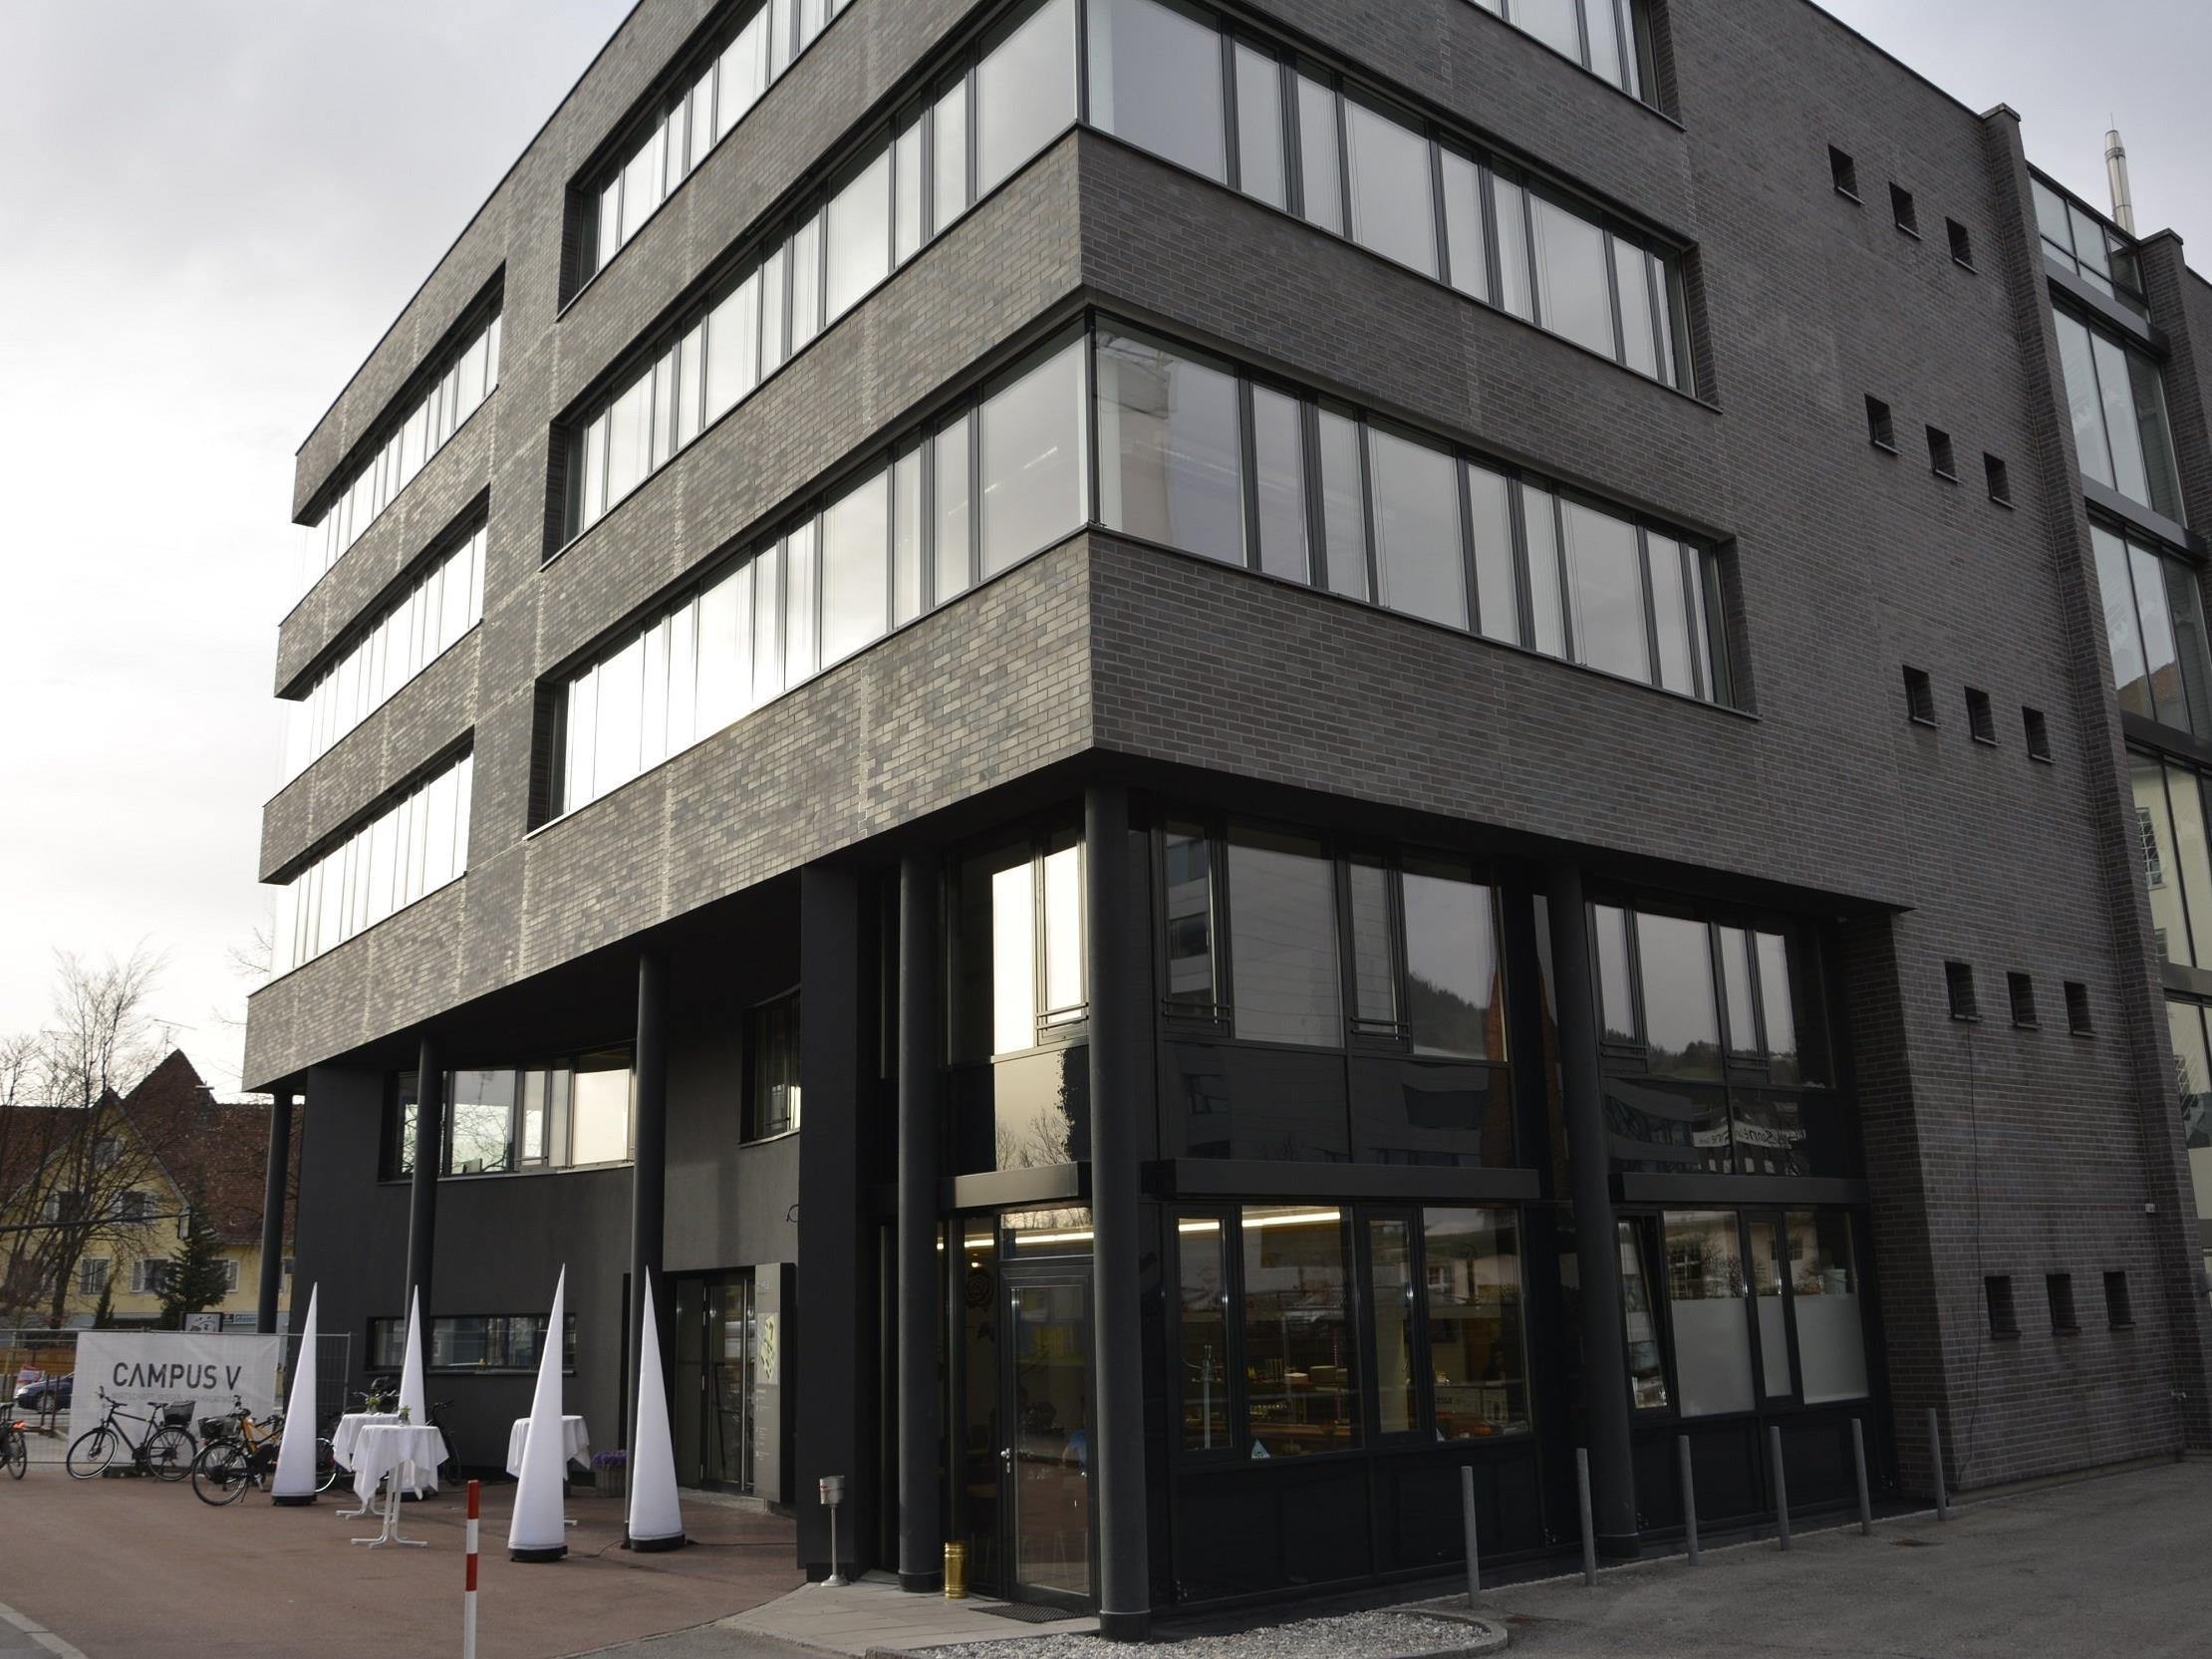 Das ehemalige Competence Center an der Stadtstraße 33 erstrahlt in neuem Glanz.